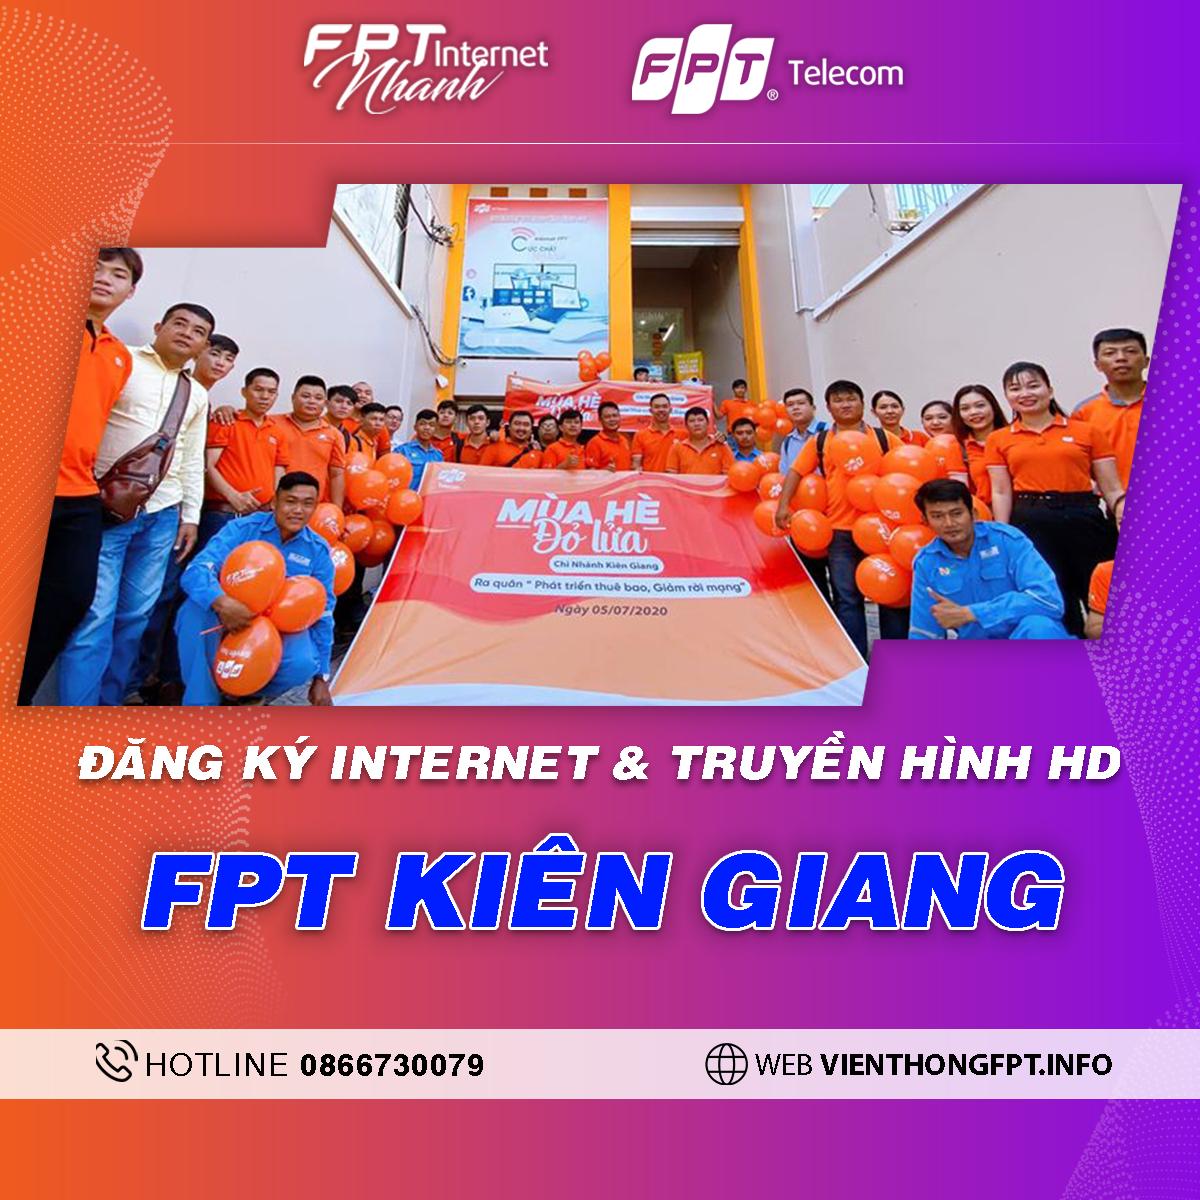 Chi nhánh FPT Kiên Giang - Tổng đài lắp mạng Internet + Truyền hình FPT